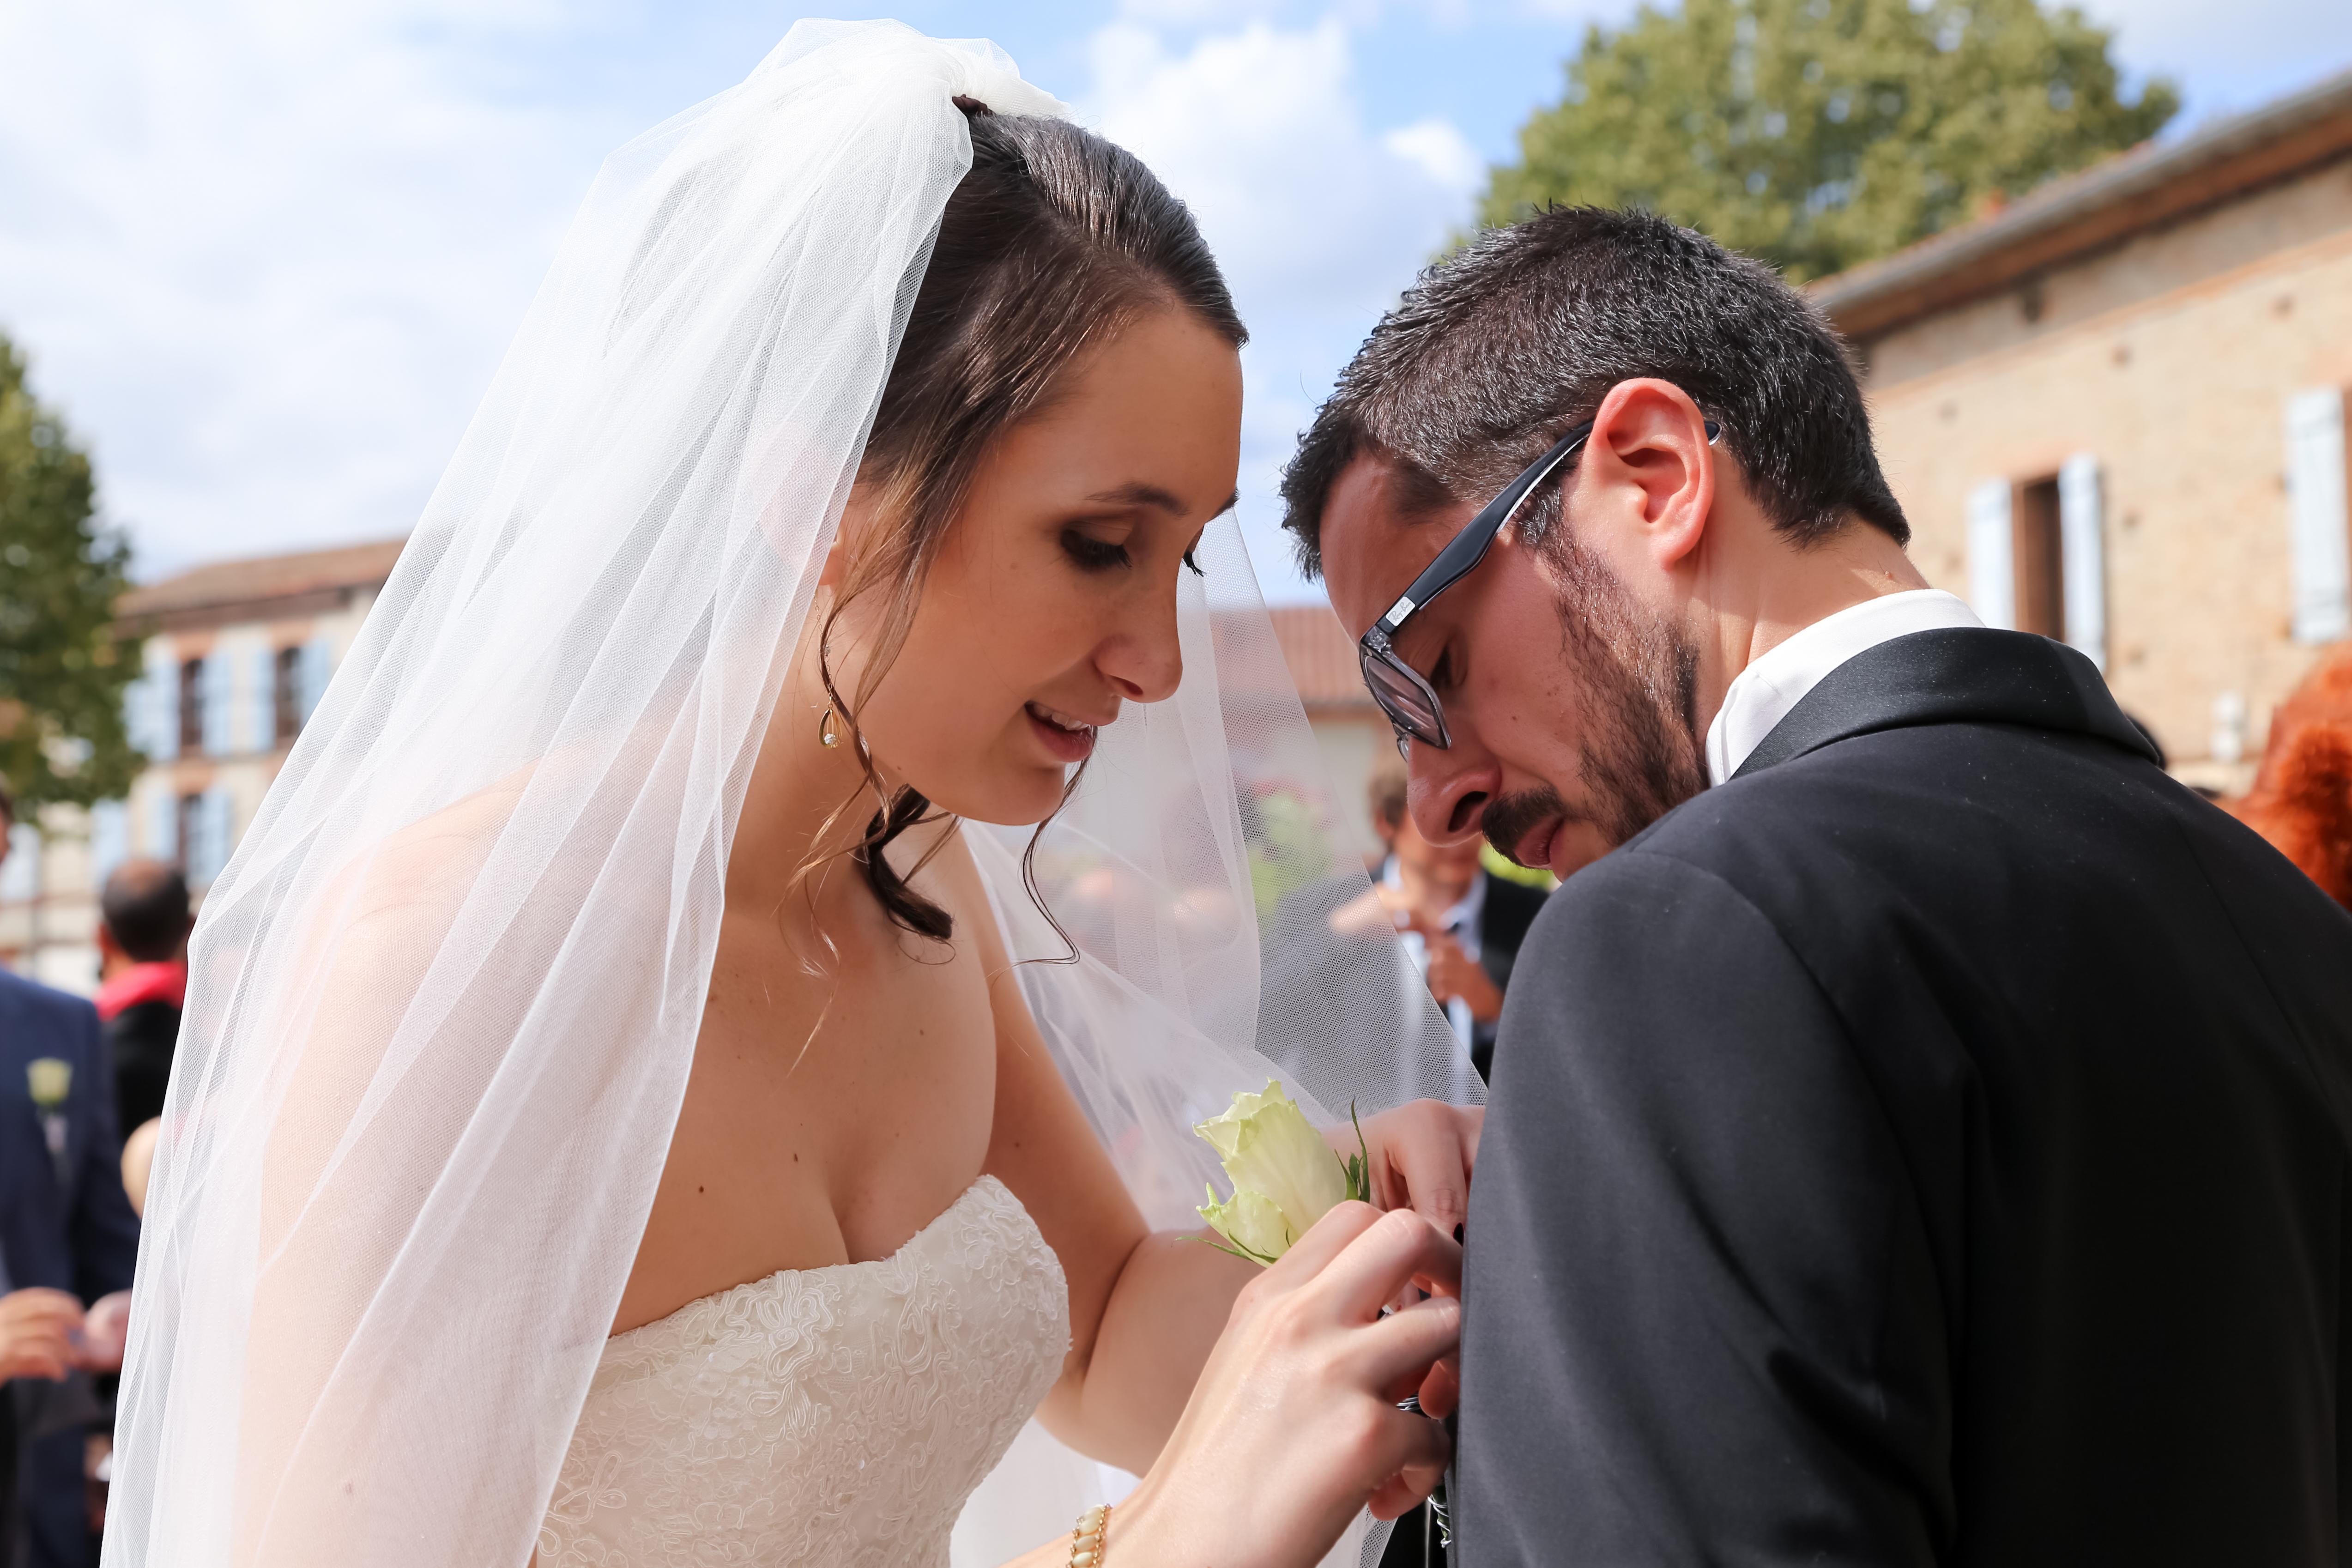 Le mariage saveur fruits rouges de Mélimélanie